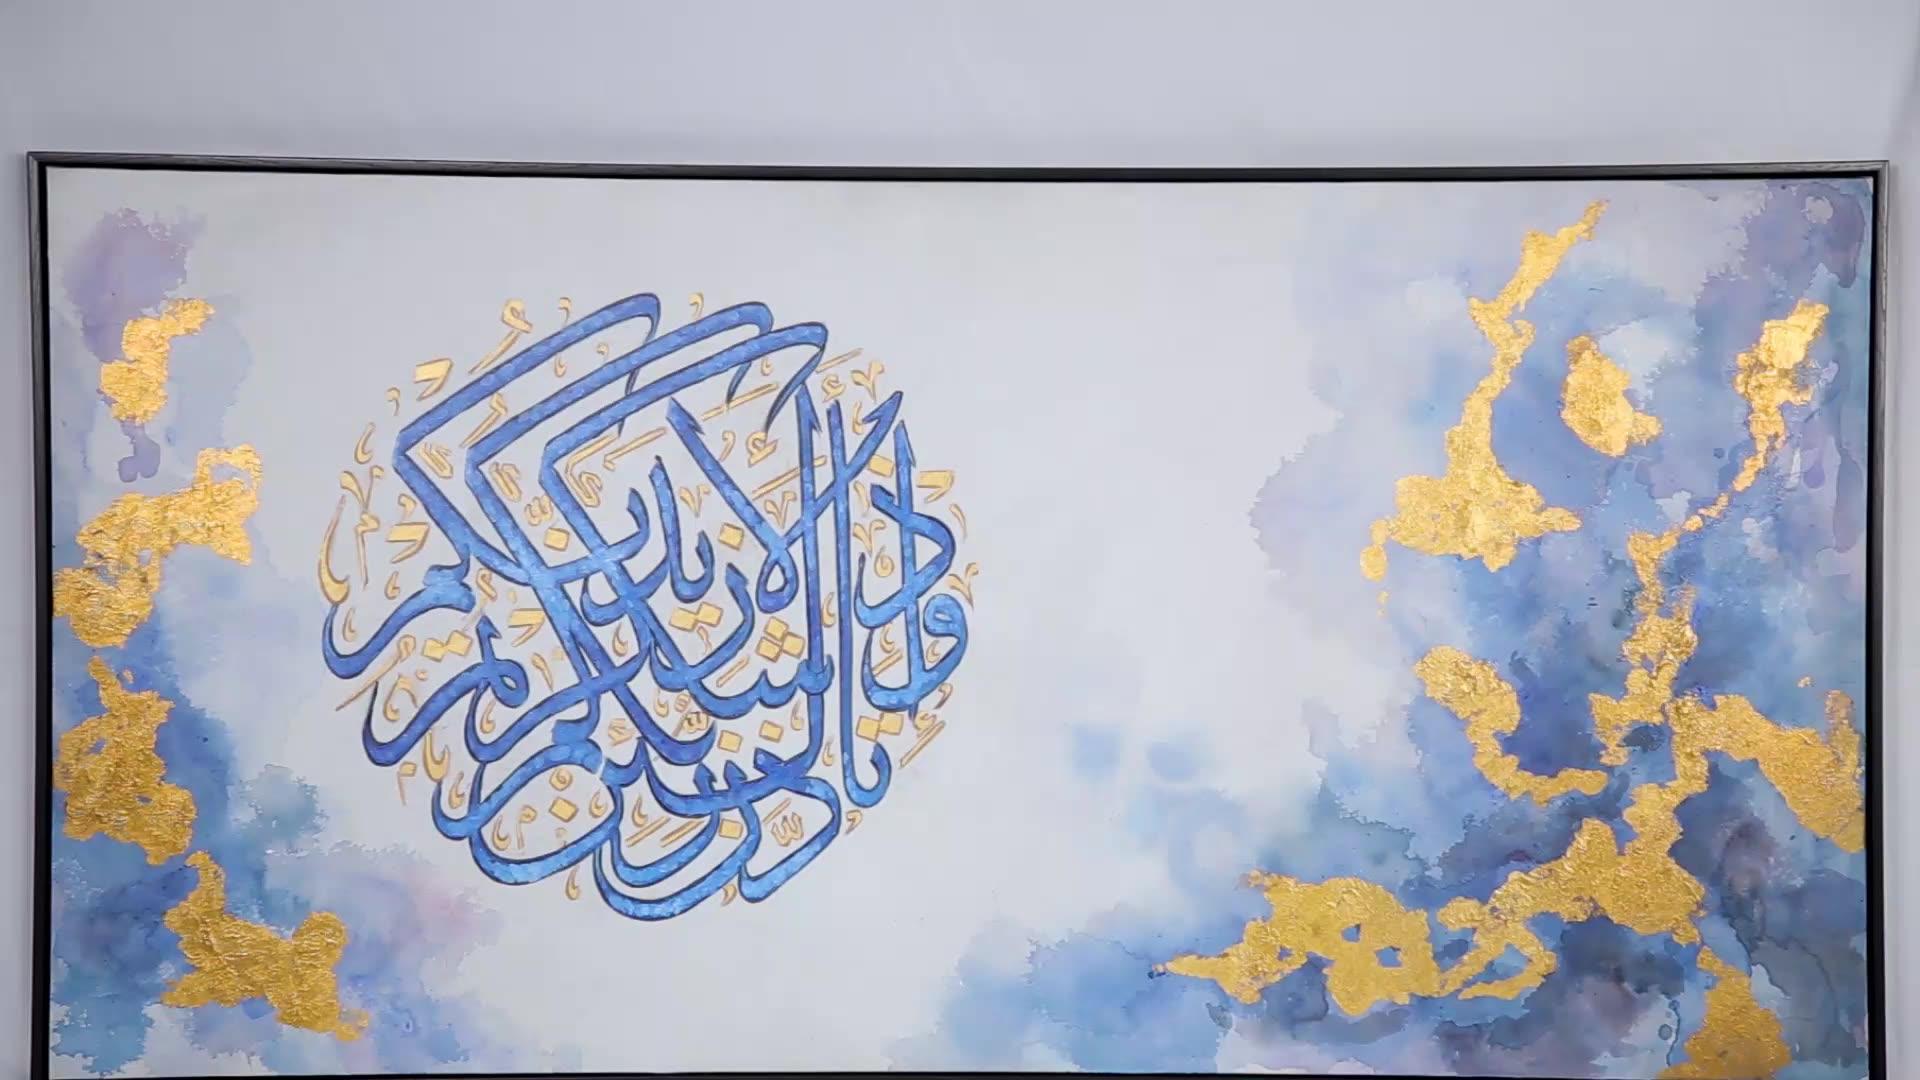 גדול ממוסגר אסלאמי בד קיר אמנות ערבית קליגרפיה אסלאמי אמנות לסלון